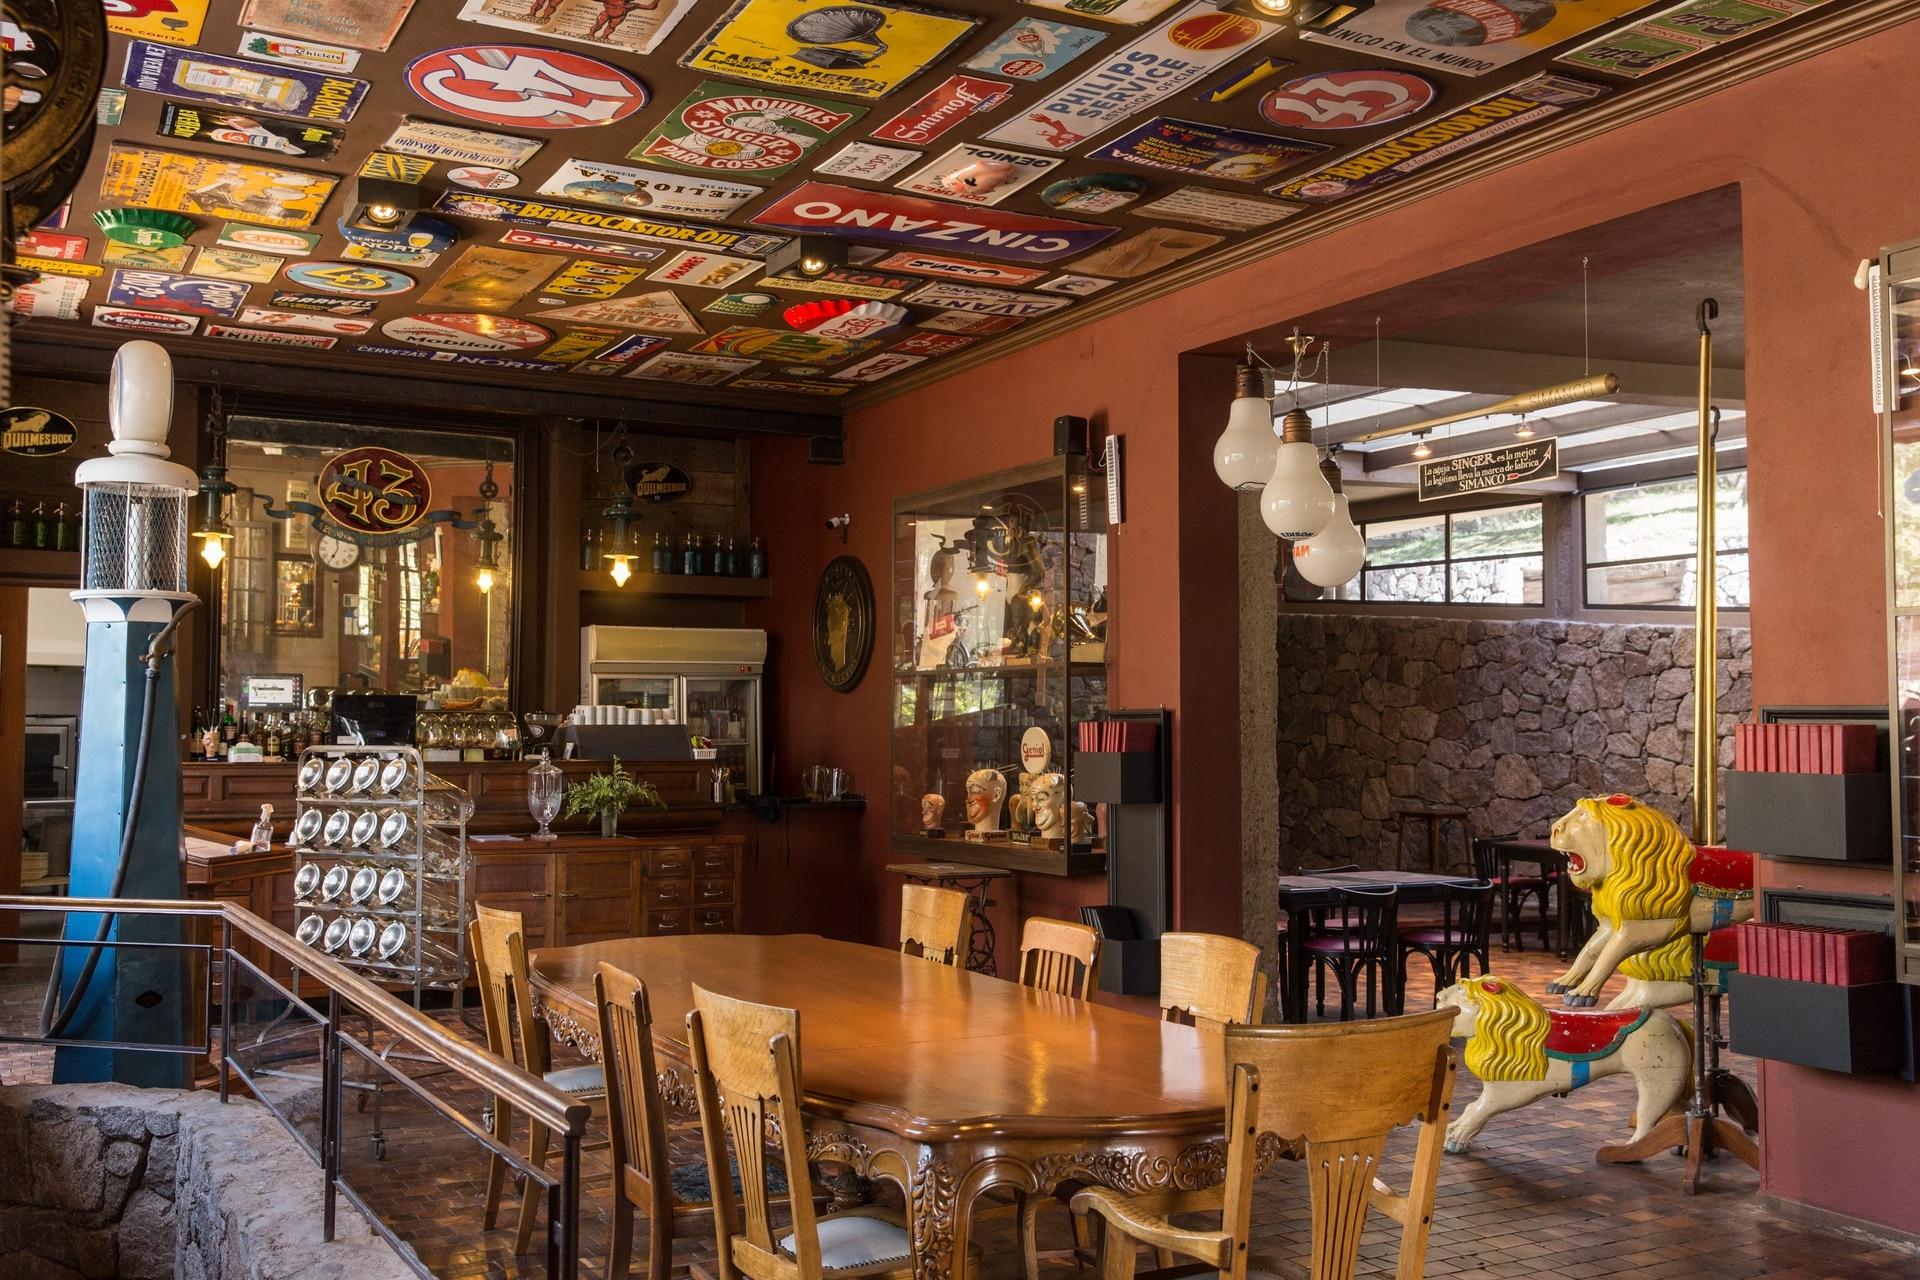 La colección de publicidad córporea (la que no es plana ni gráfica) de Eduardo Argüello es una de las más importantes del país: tiene más de 3000 piezas.